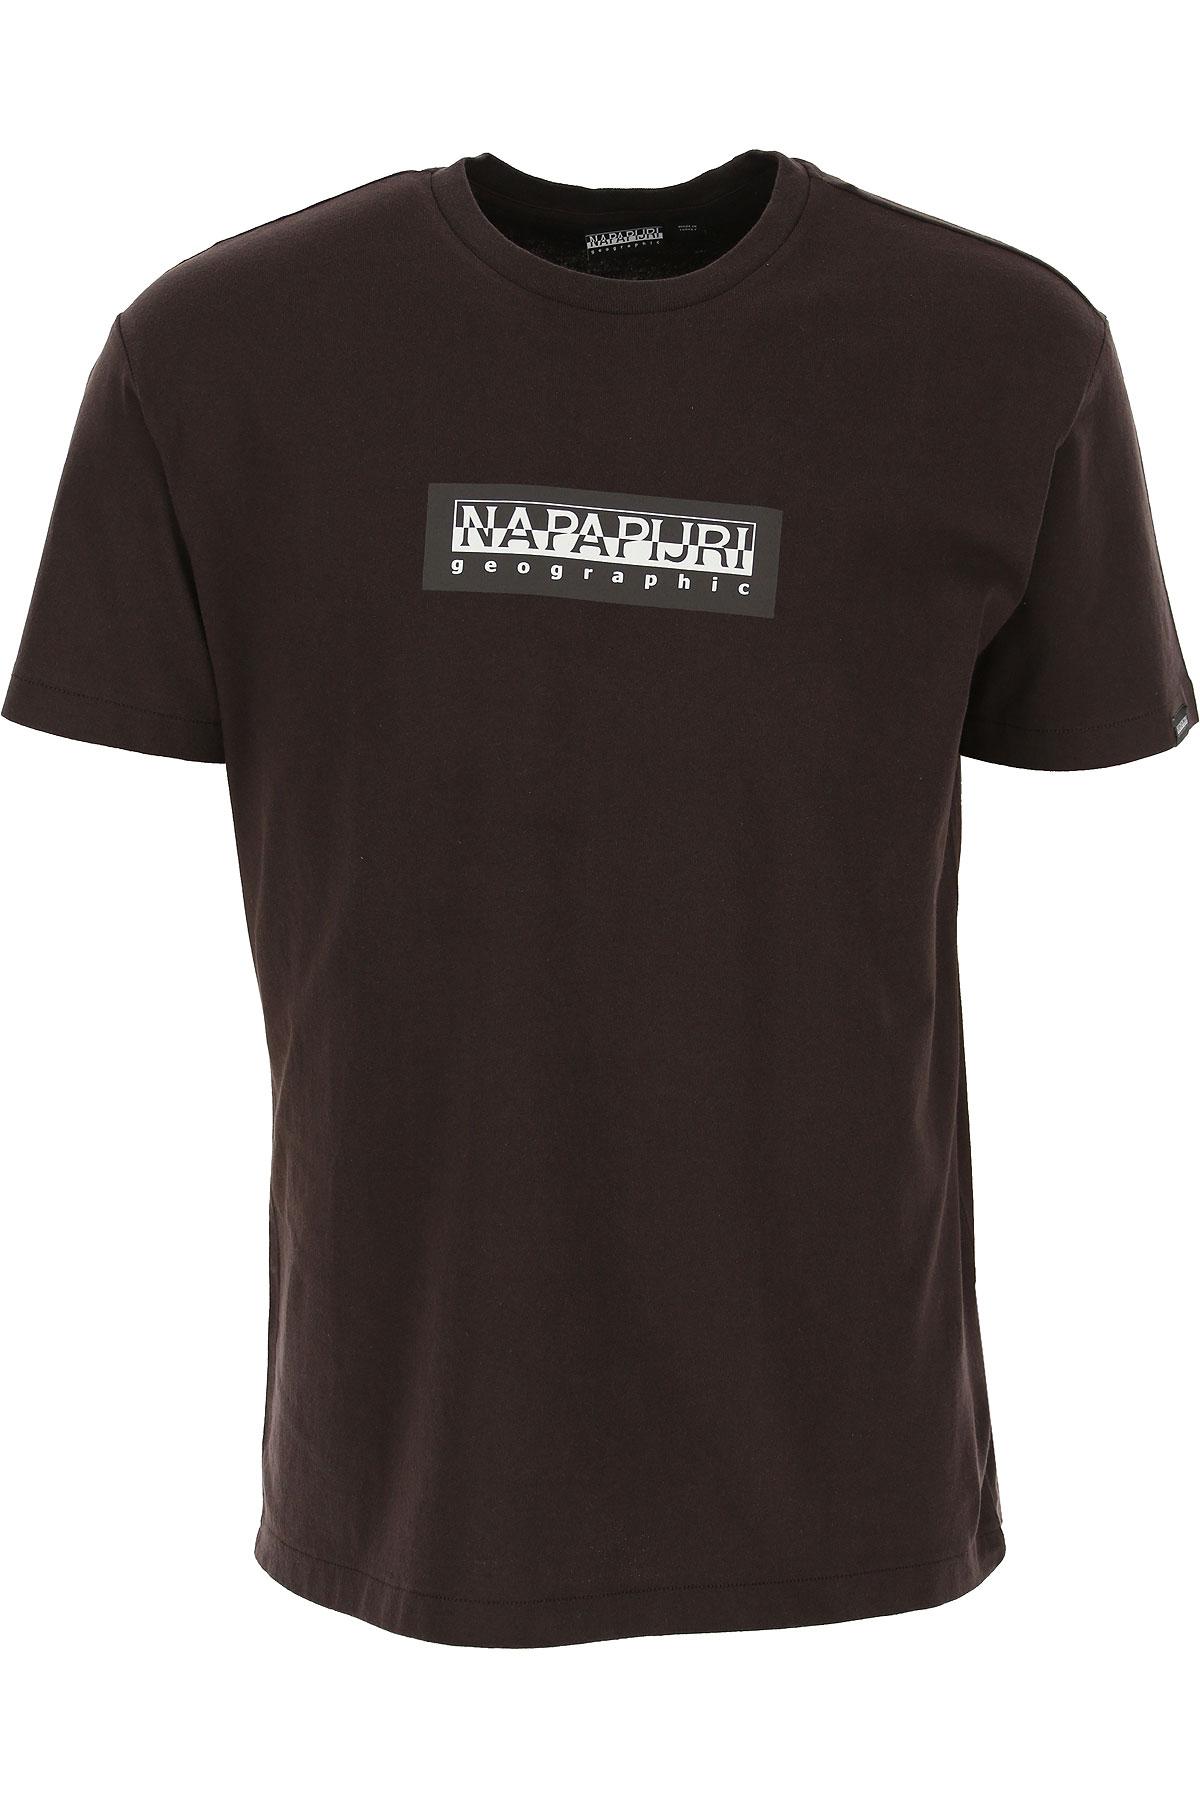 Napapijri T-Shirt for Men On Sale, Chocolate Brown, Cotton, 2019, L M S